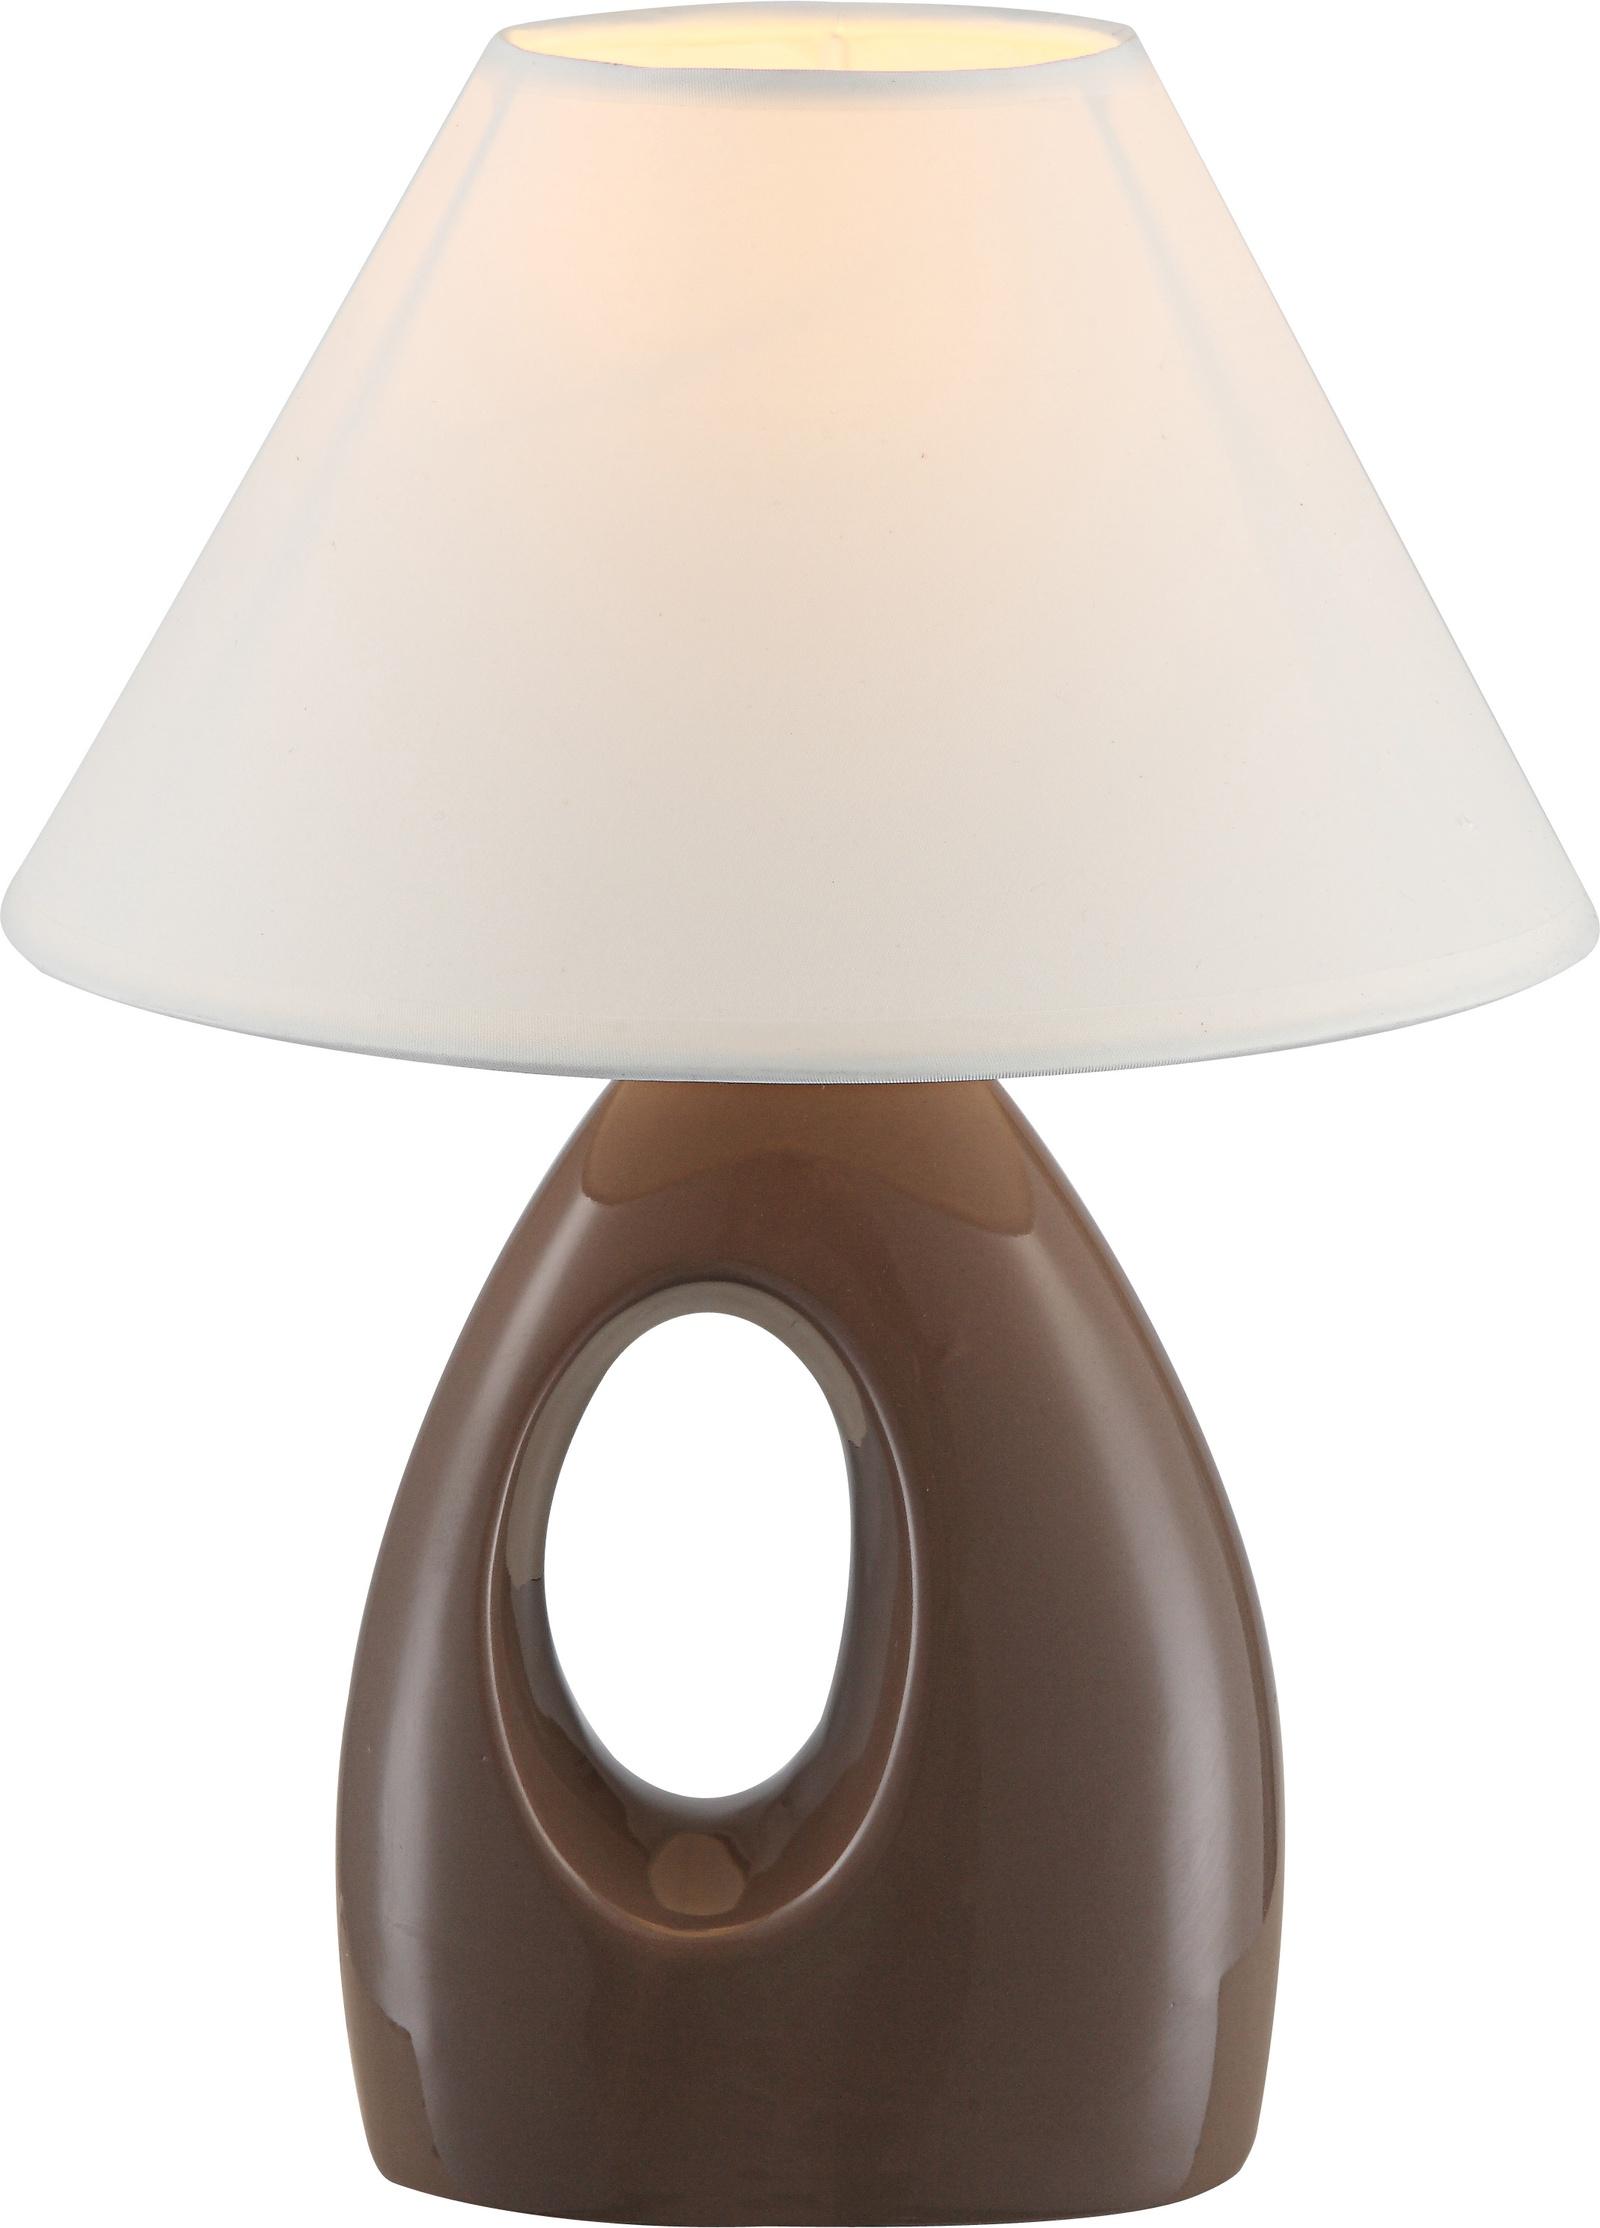 Настольный светильник Globo Sonja, коричневый teak house светильник настольный king